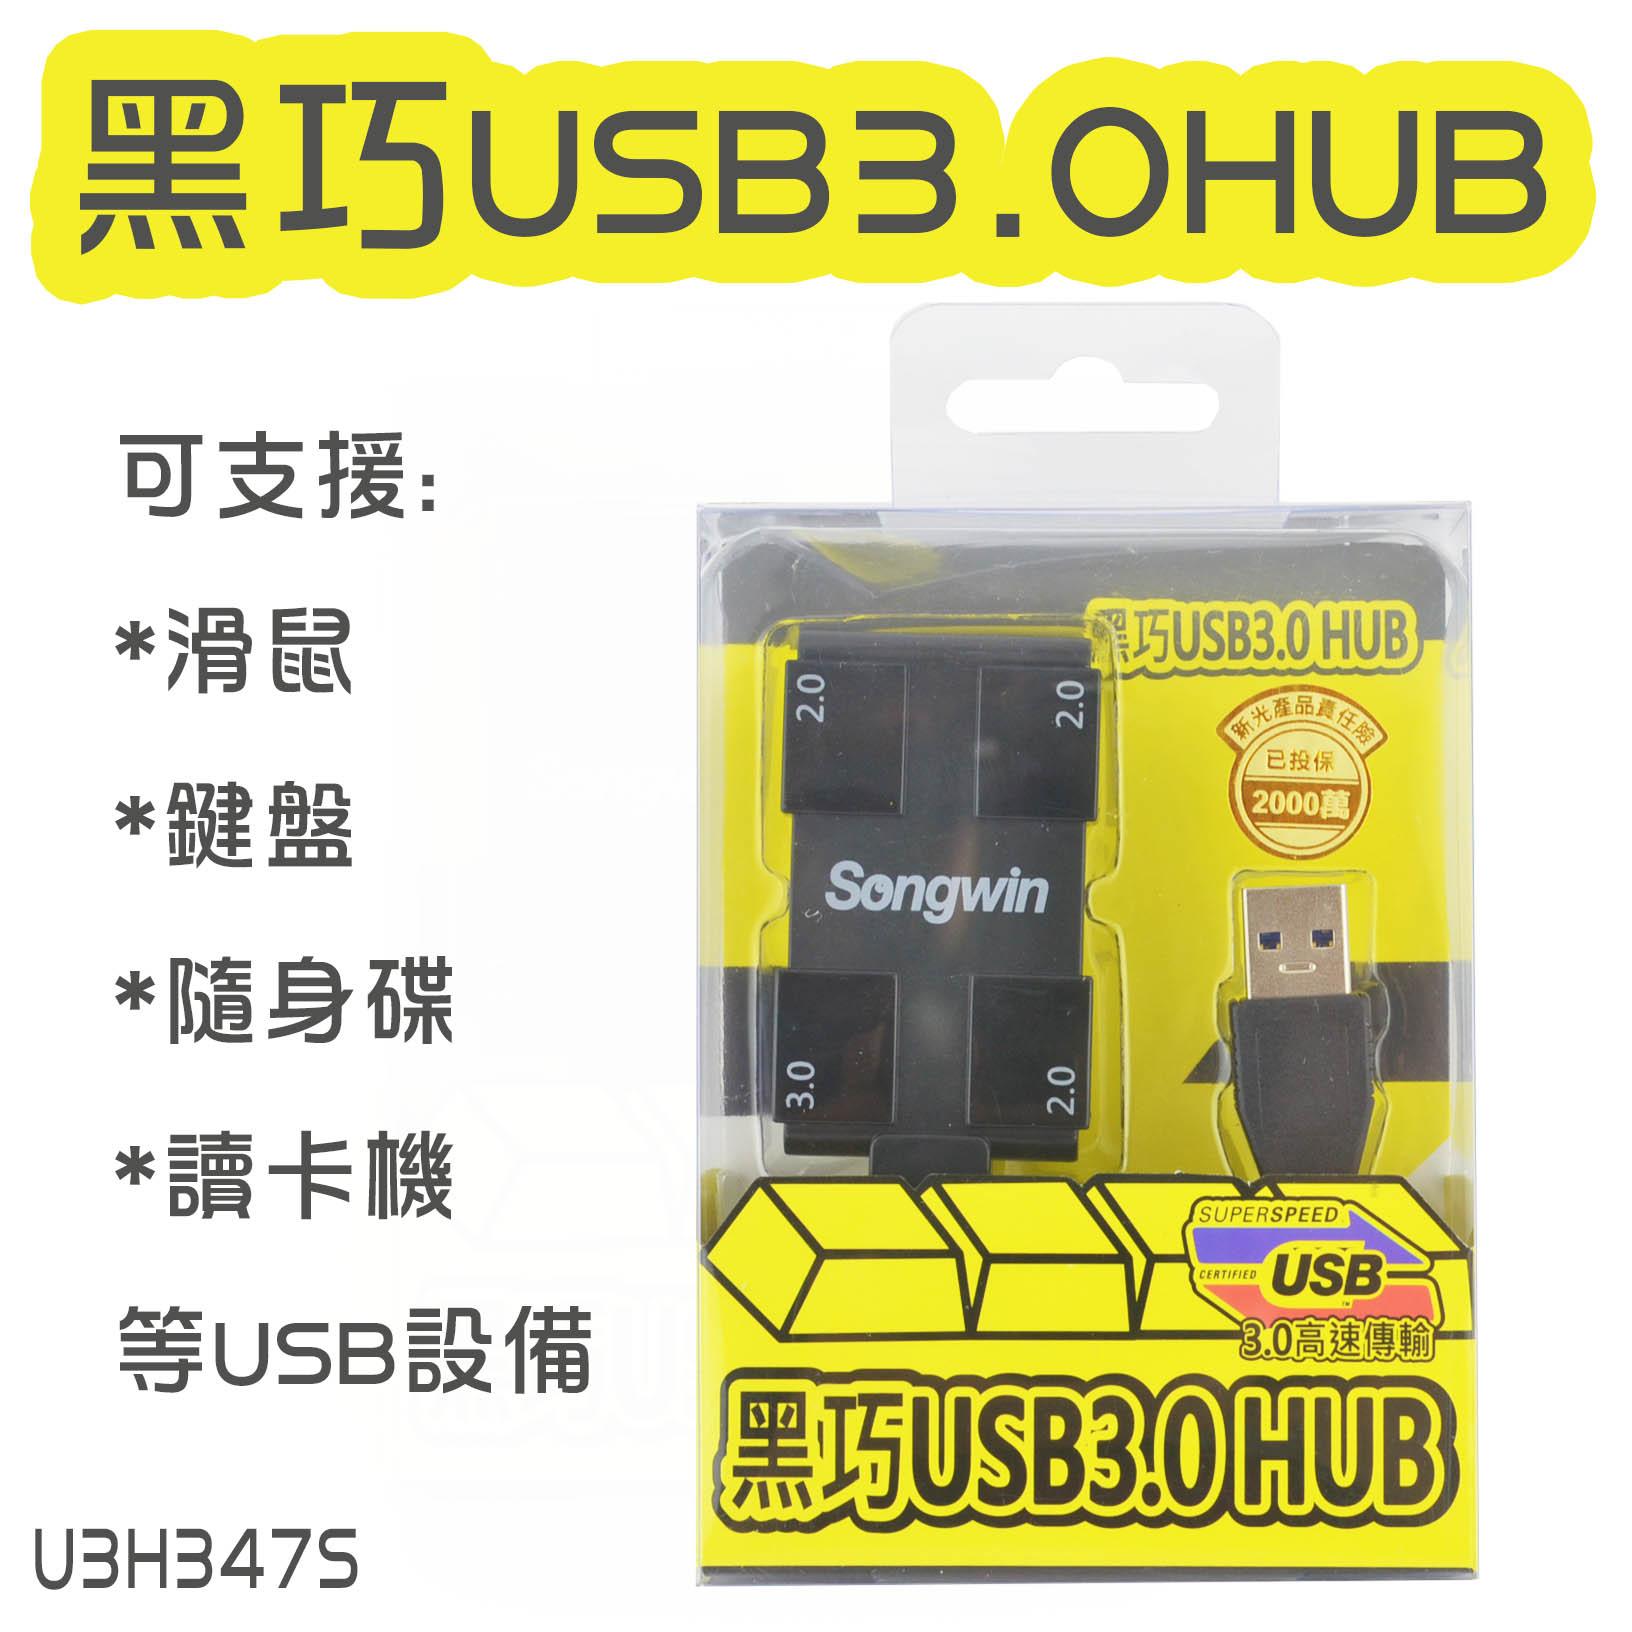 嚴選黑巧USB3.0 HUB-黑 U3H347S 集線器